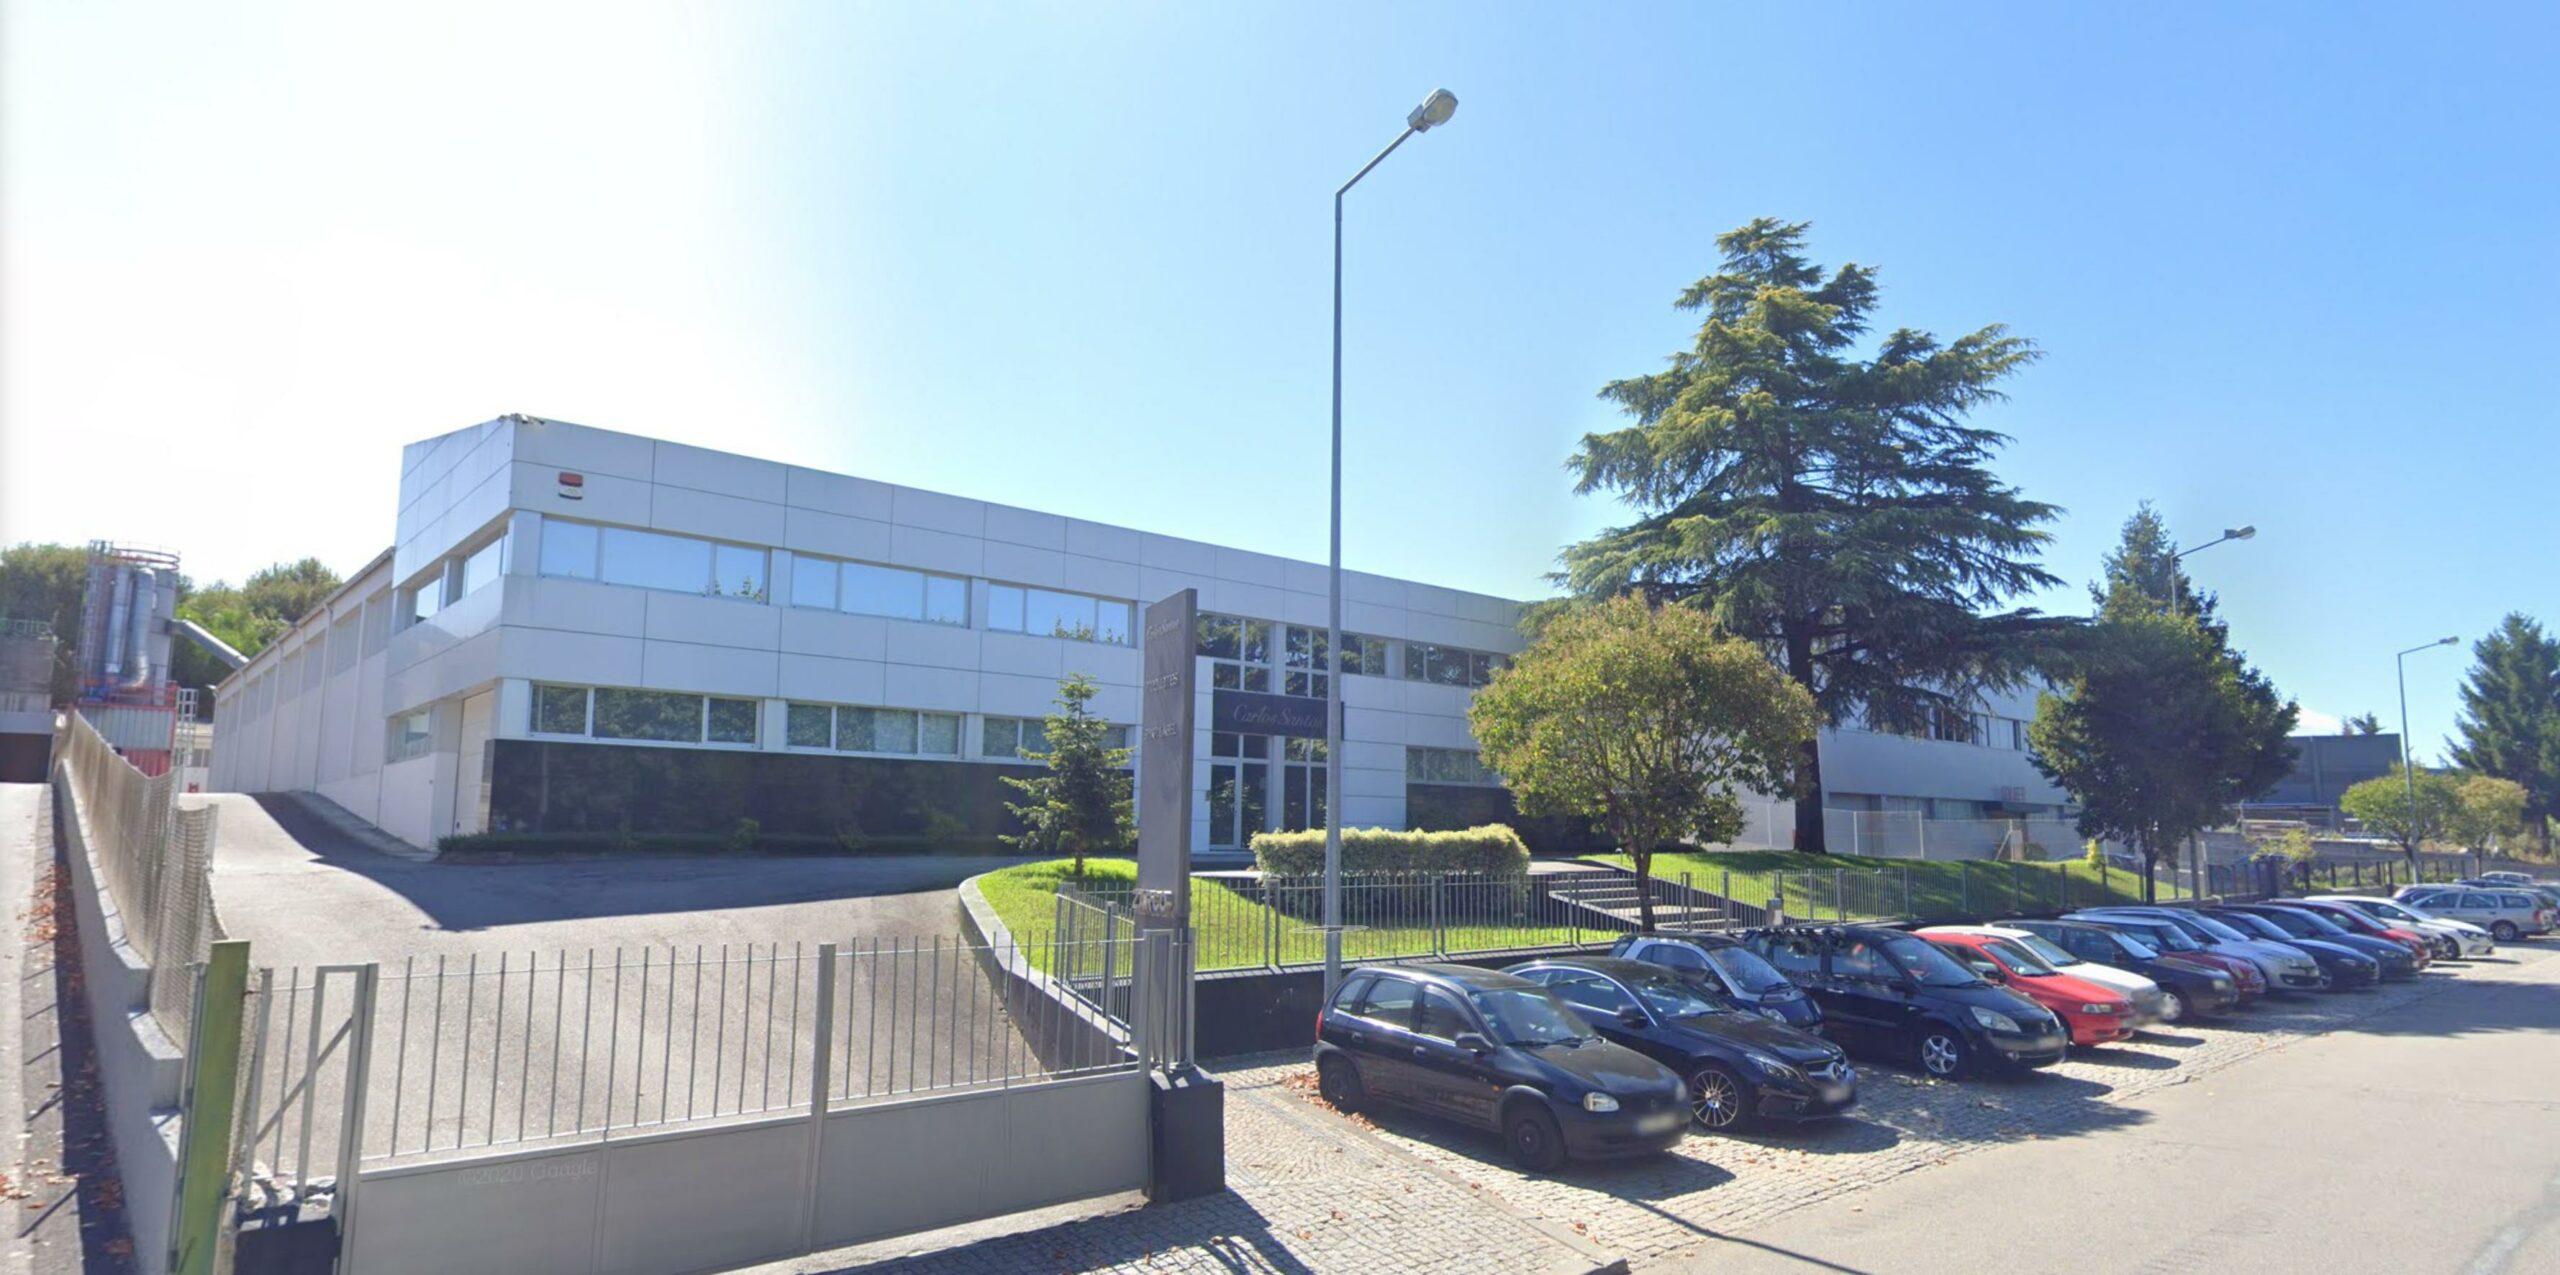 """L'usine de Carlos Santos (Zarco) au Portugal. Souvent décrite par les marques qui y font fabriquer comme """"un petit atelier"""", une """"maison familiale"""" ou je ne sais encore quelle autre ineptie. C'est une usine comme il en existe des millions et c'est tout. (source : google)"""